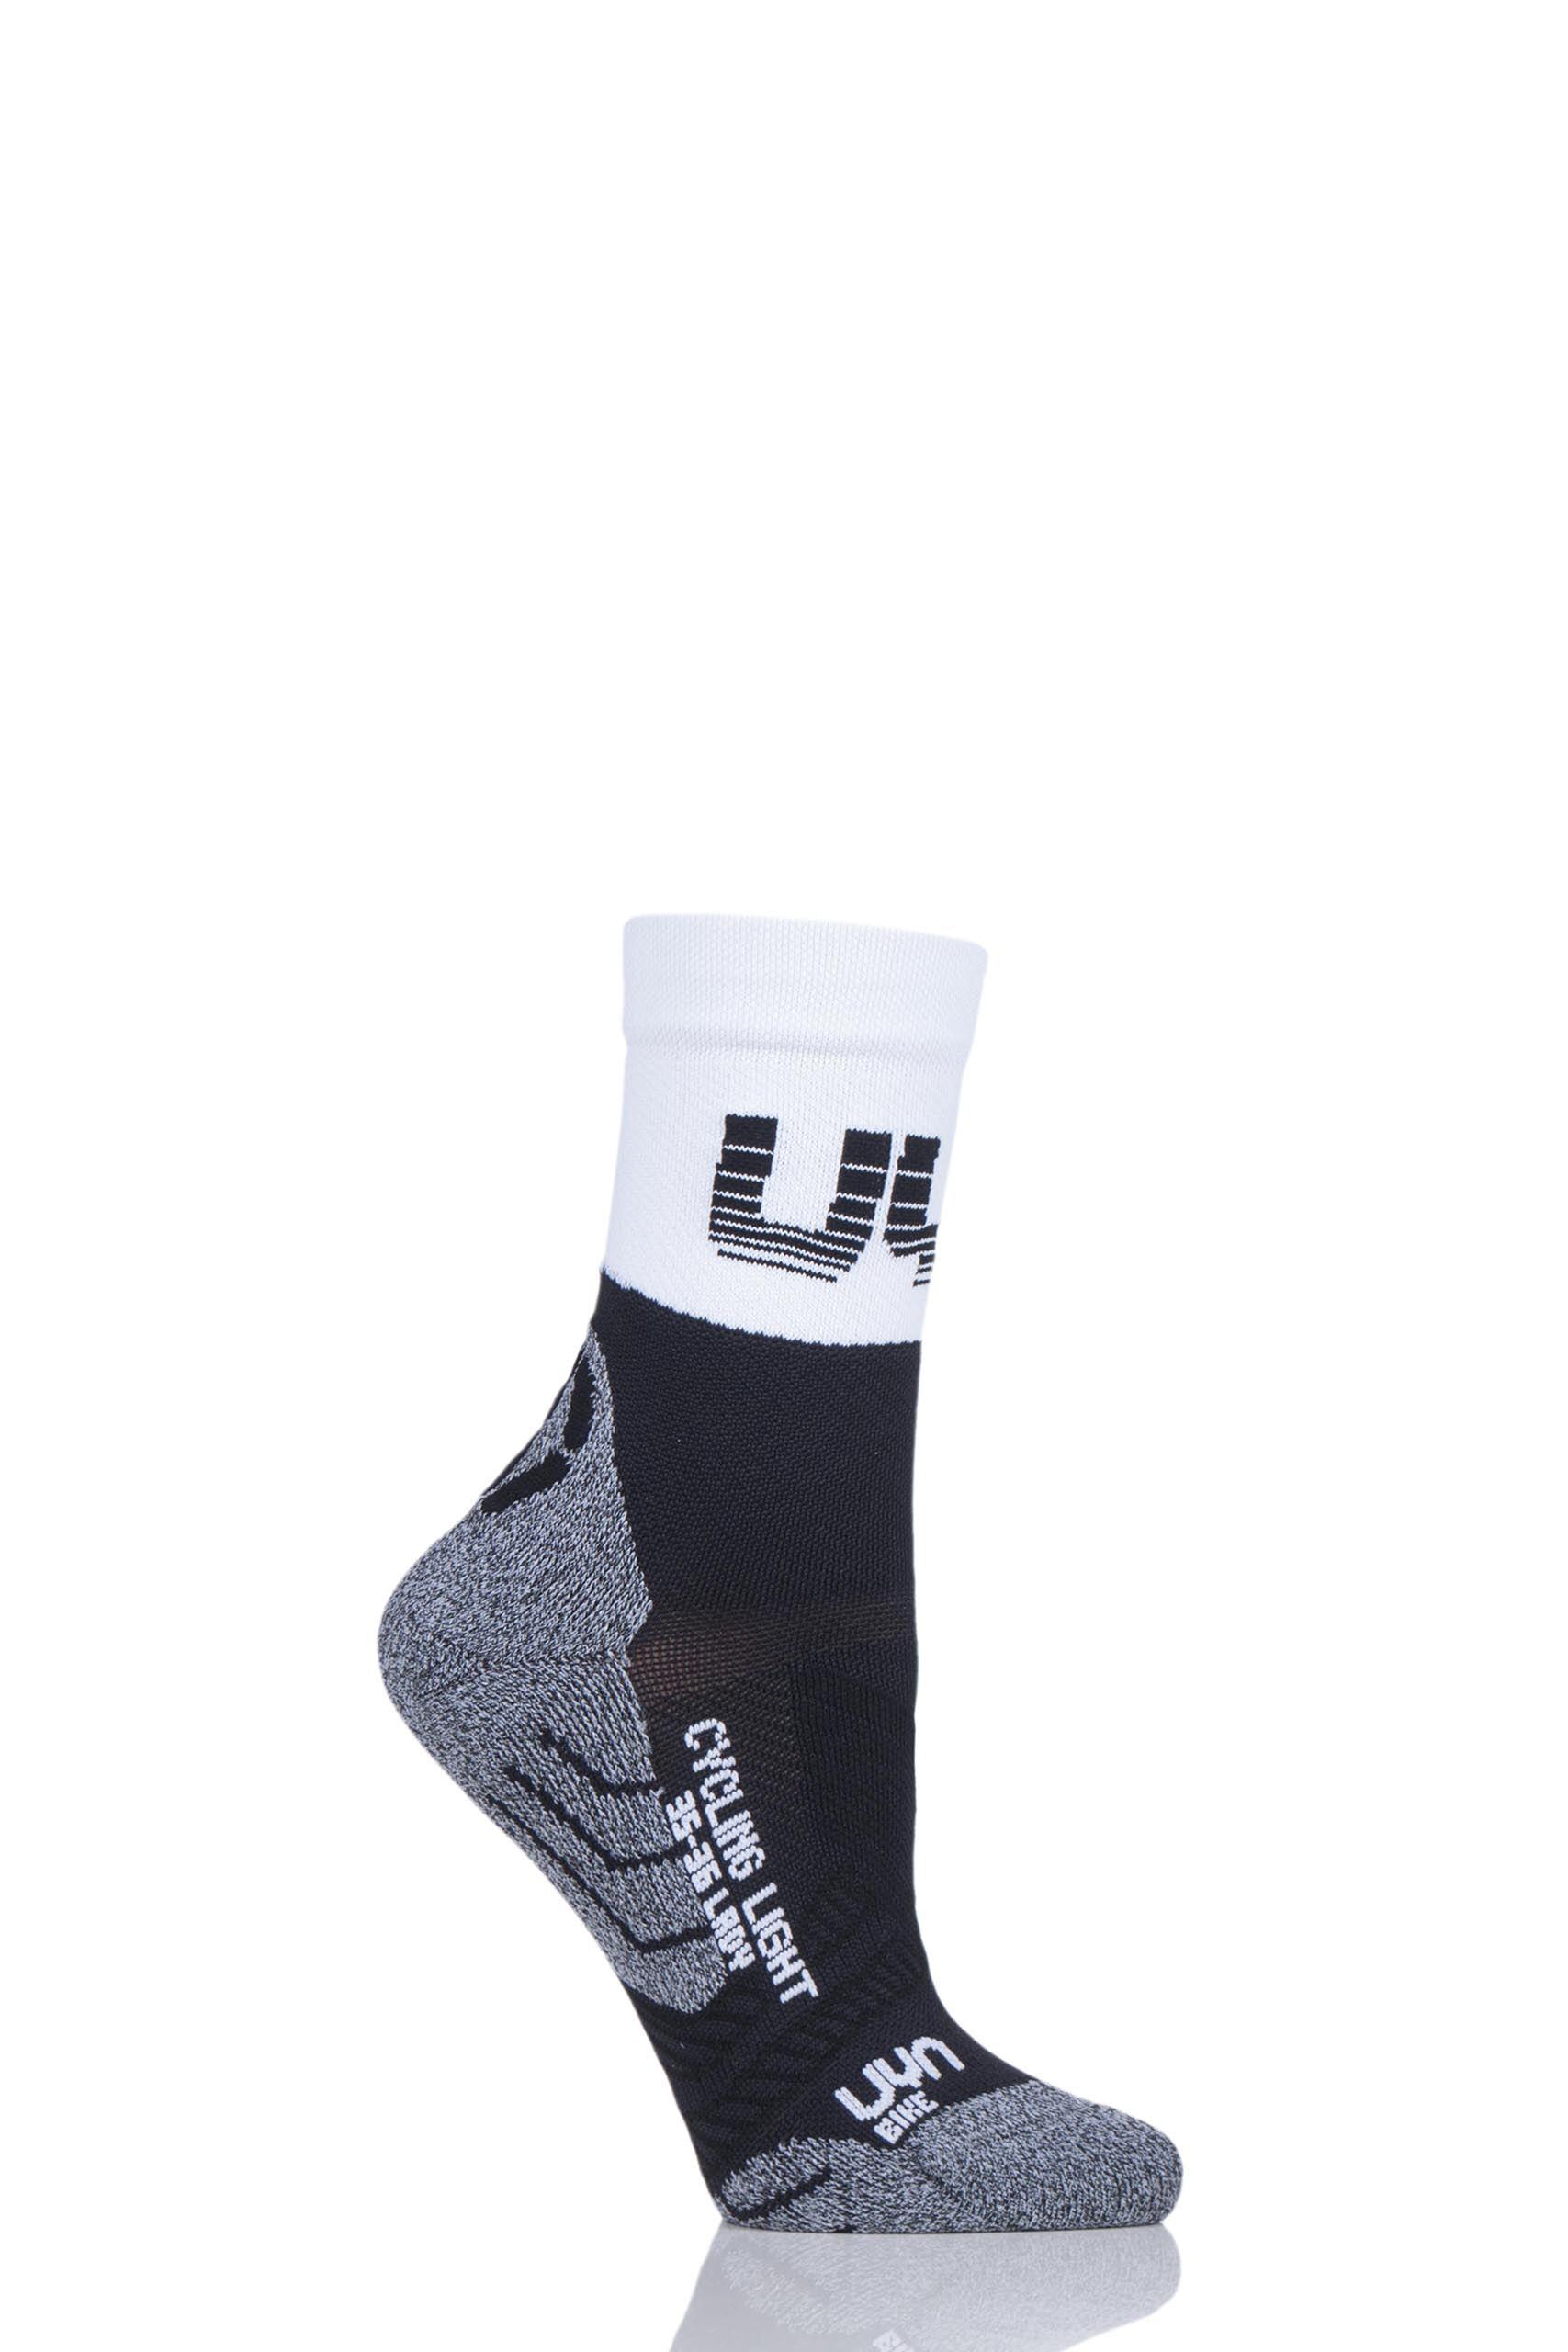 Image of 1 Pair Black Cycling Light Weight Socks Ladies 7-8 Ladies - UYN